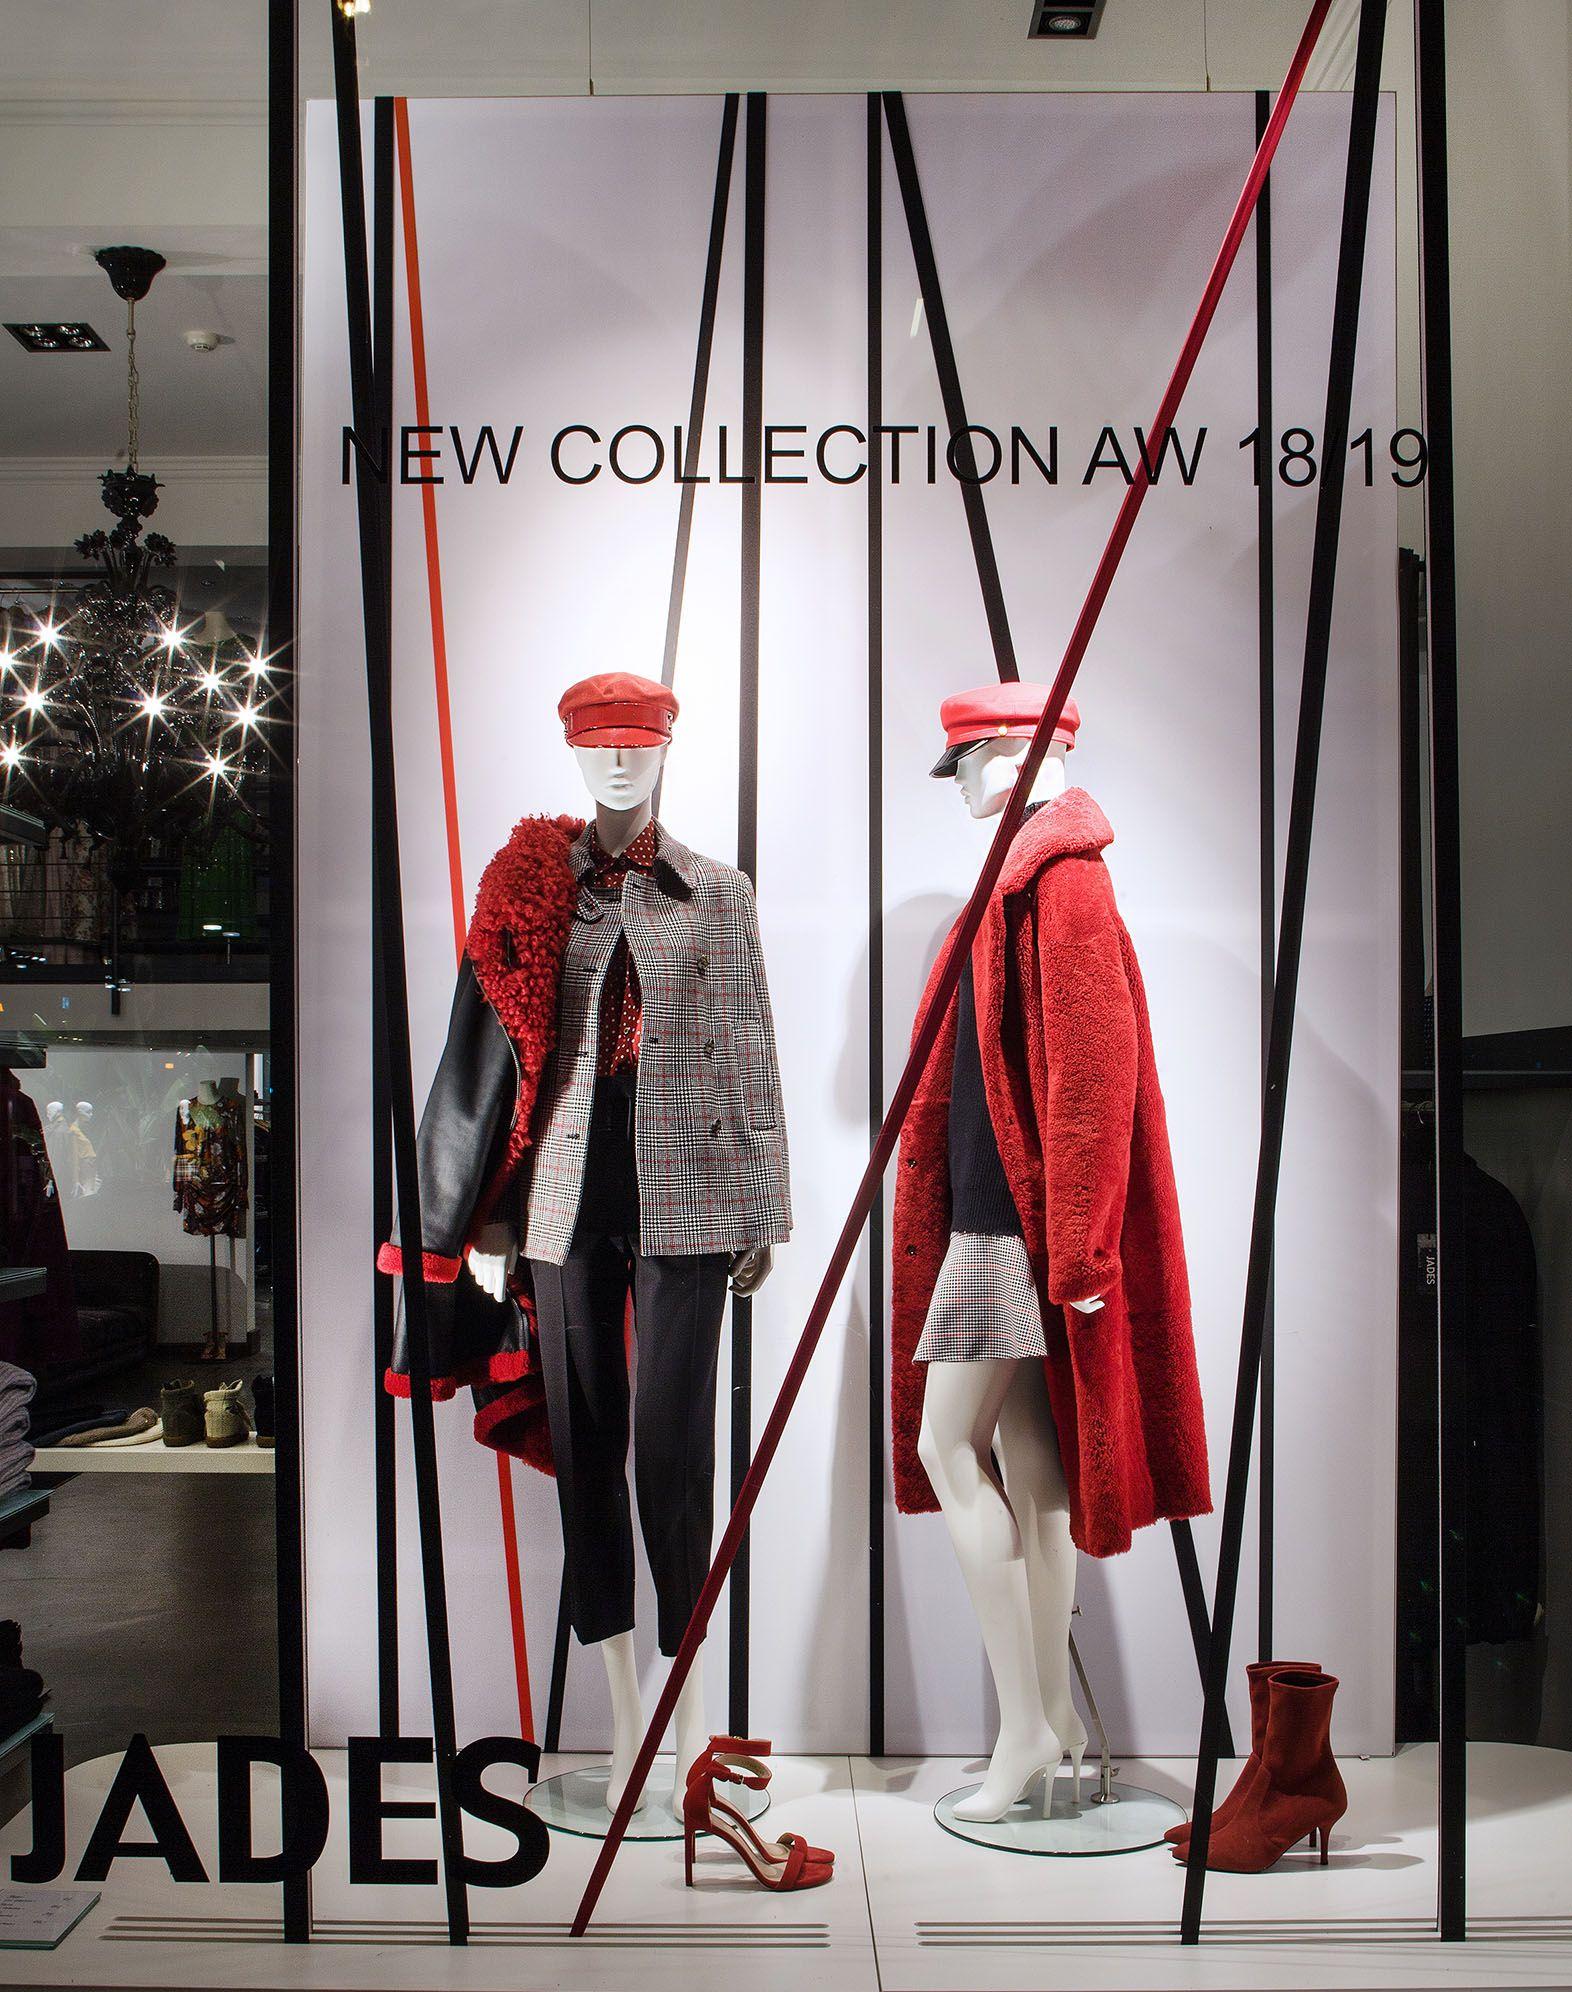 Fashion Stars Stripes Aw18 19 Windows At Jades In Duesseldorf Credits Store Jades Duesseldorf Www Jades24 Com Concept Realisat Fashion Star Fashion